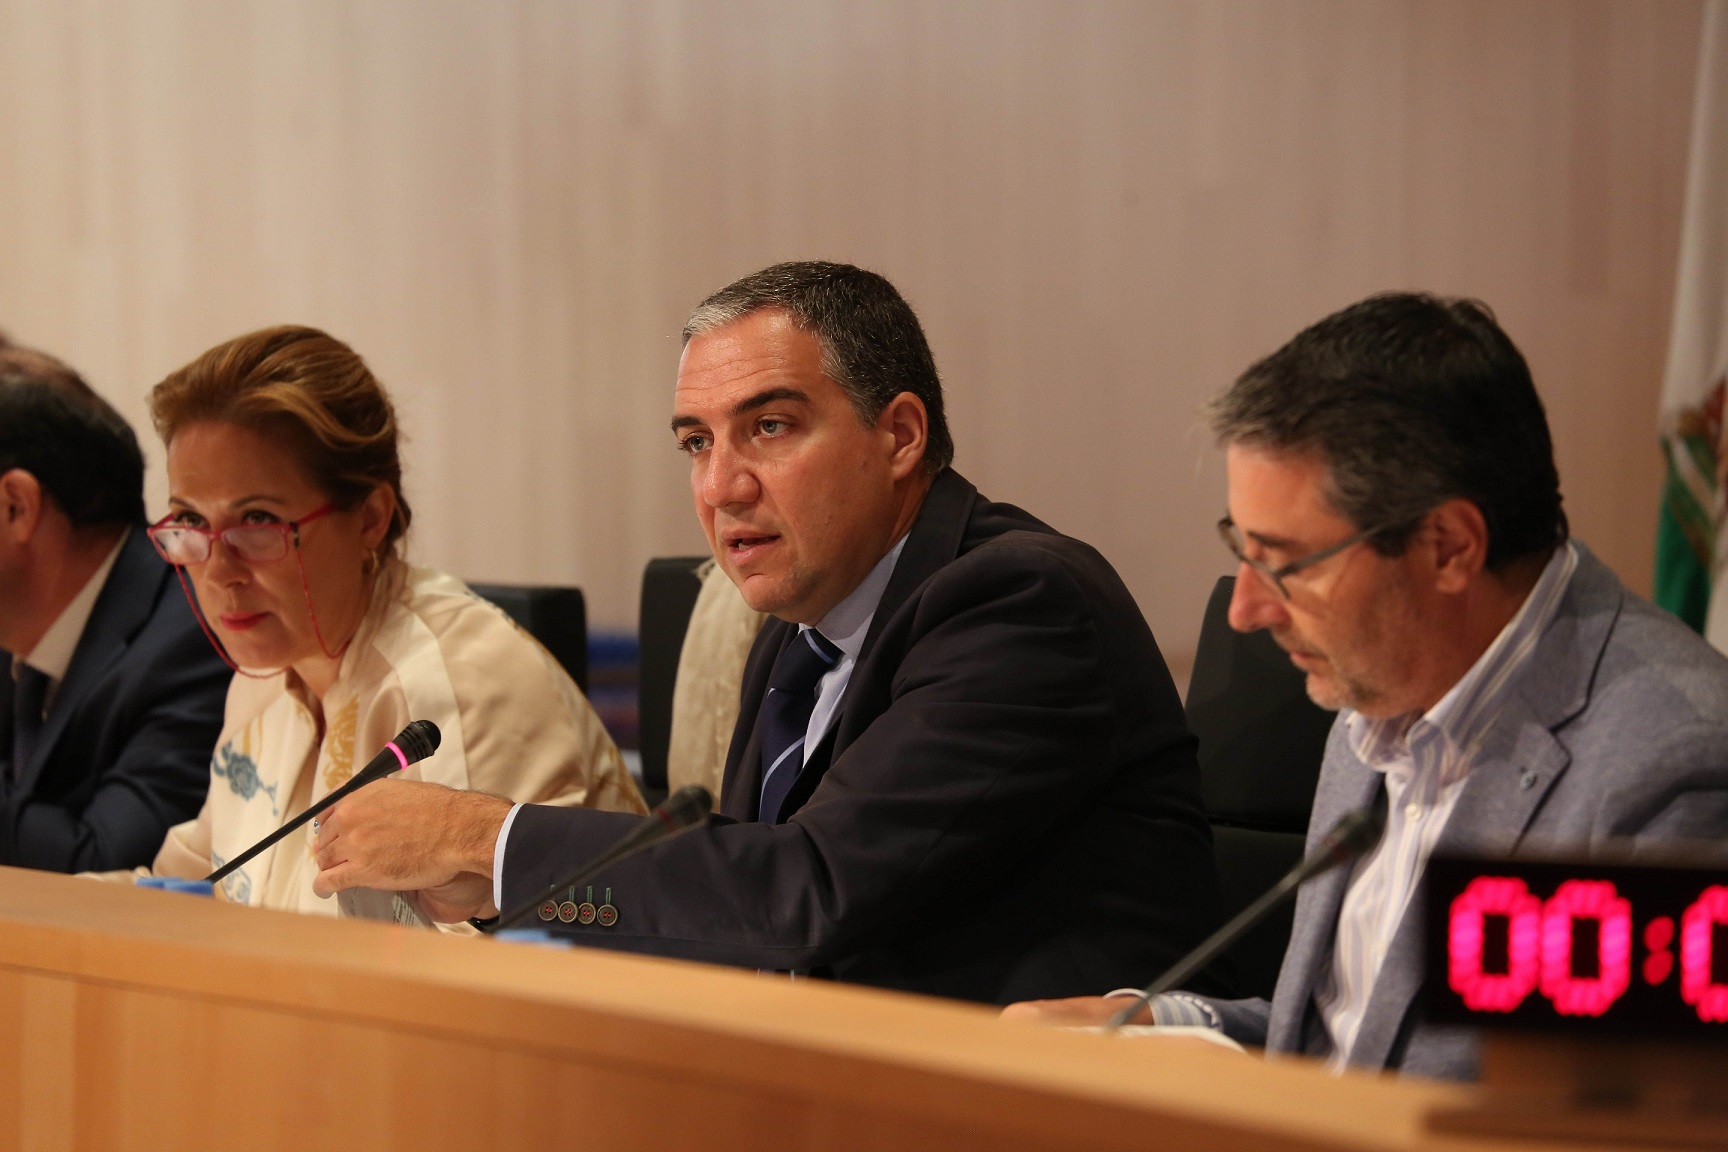 La Diputación aprueba un plan de 1,1 millones para Alhaurín el Grande, Cártama, Coín y Nerja